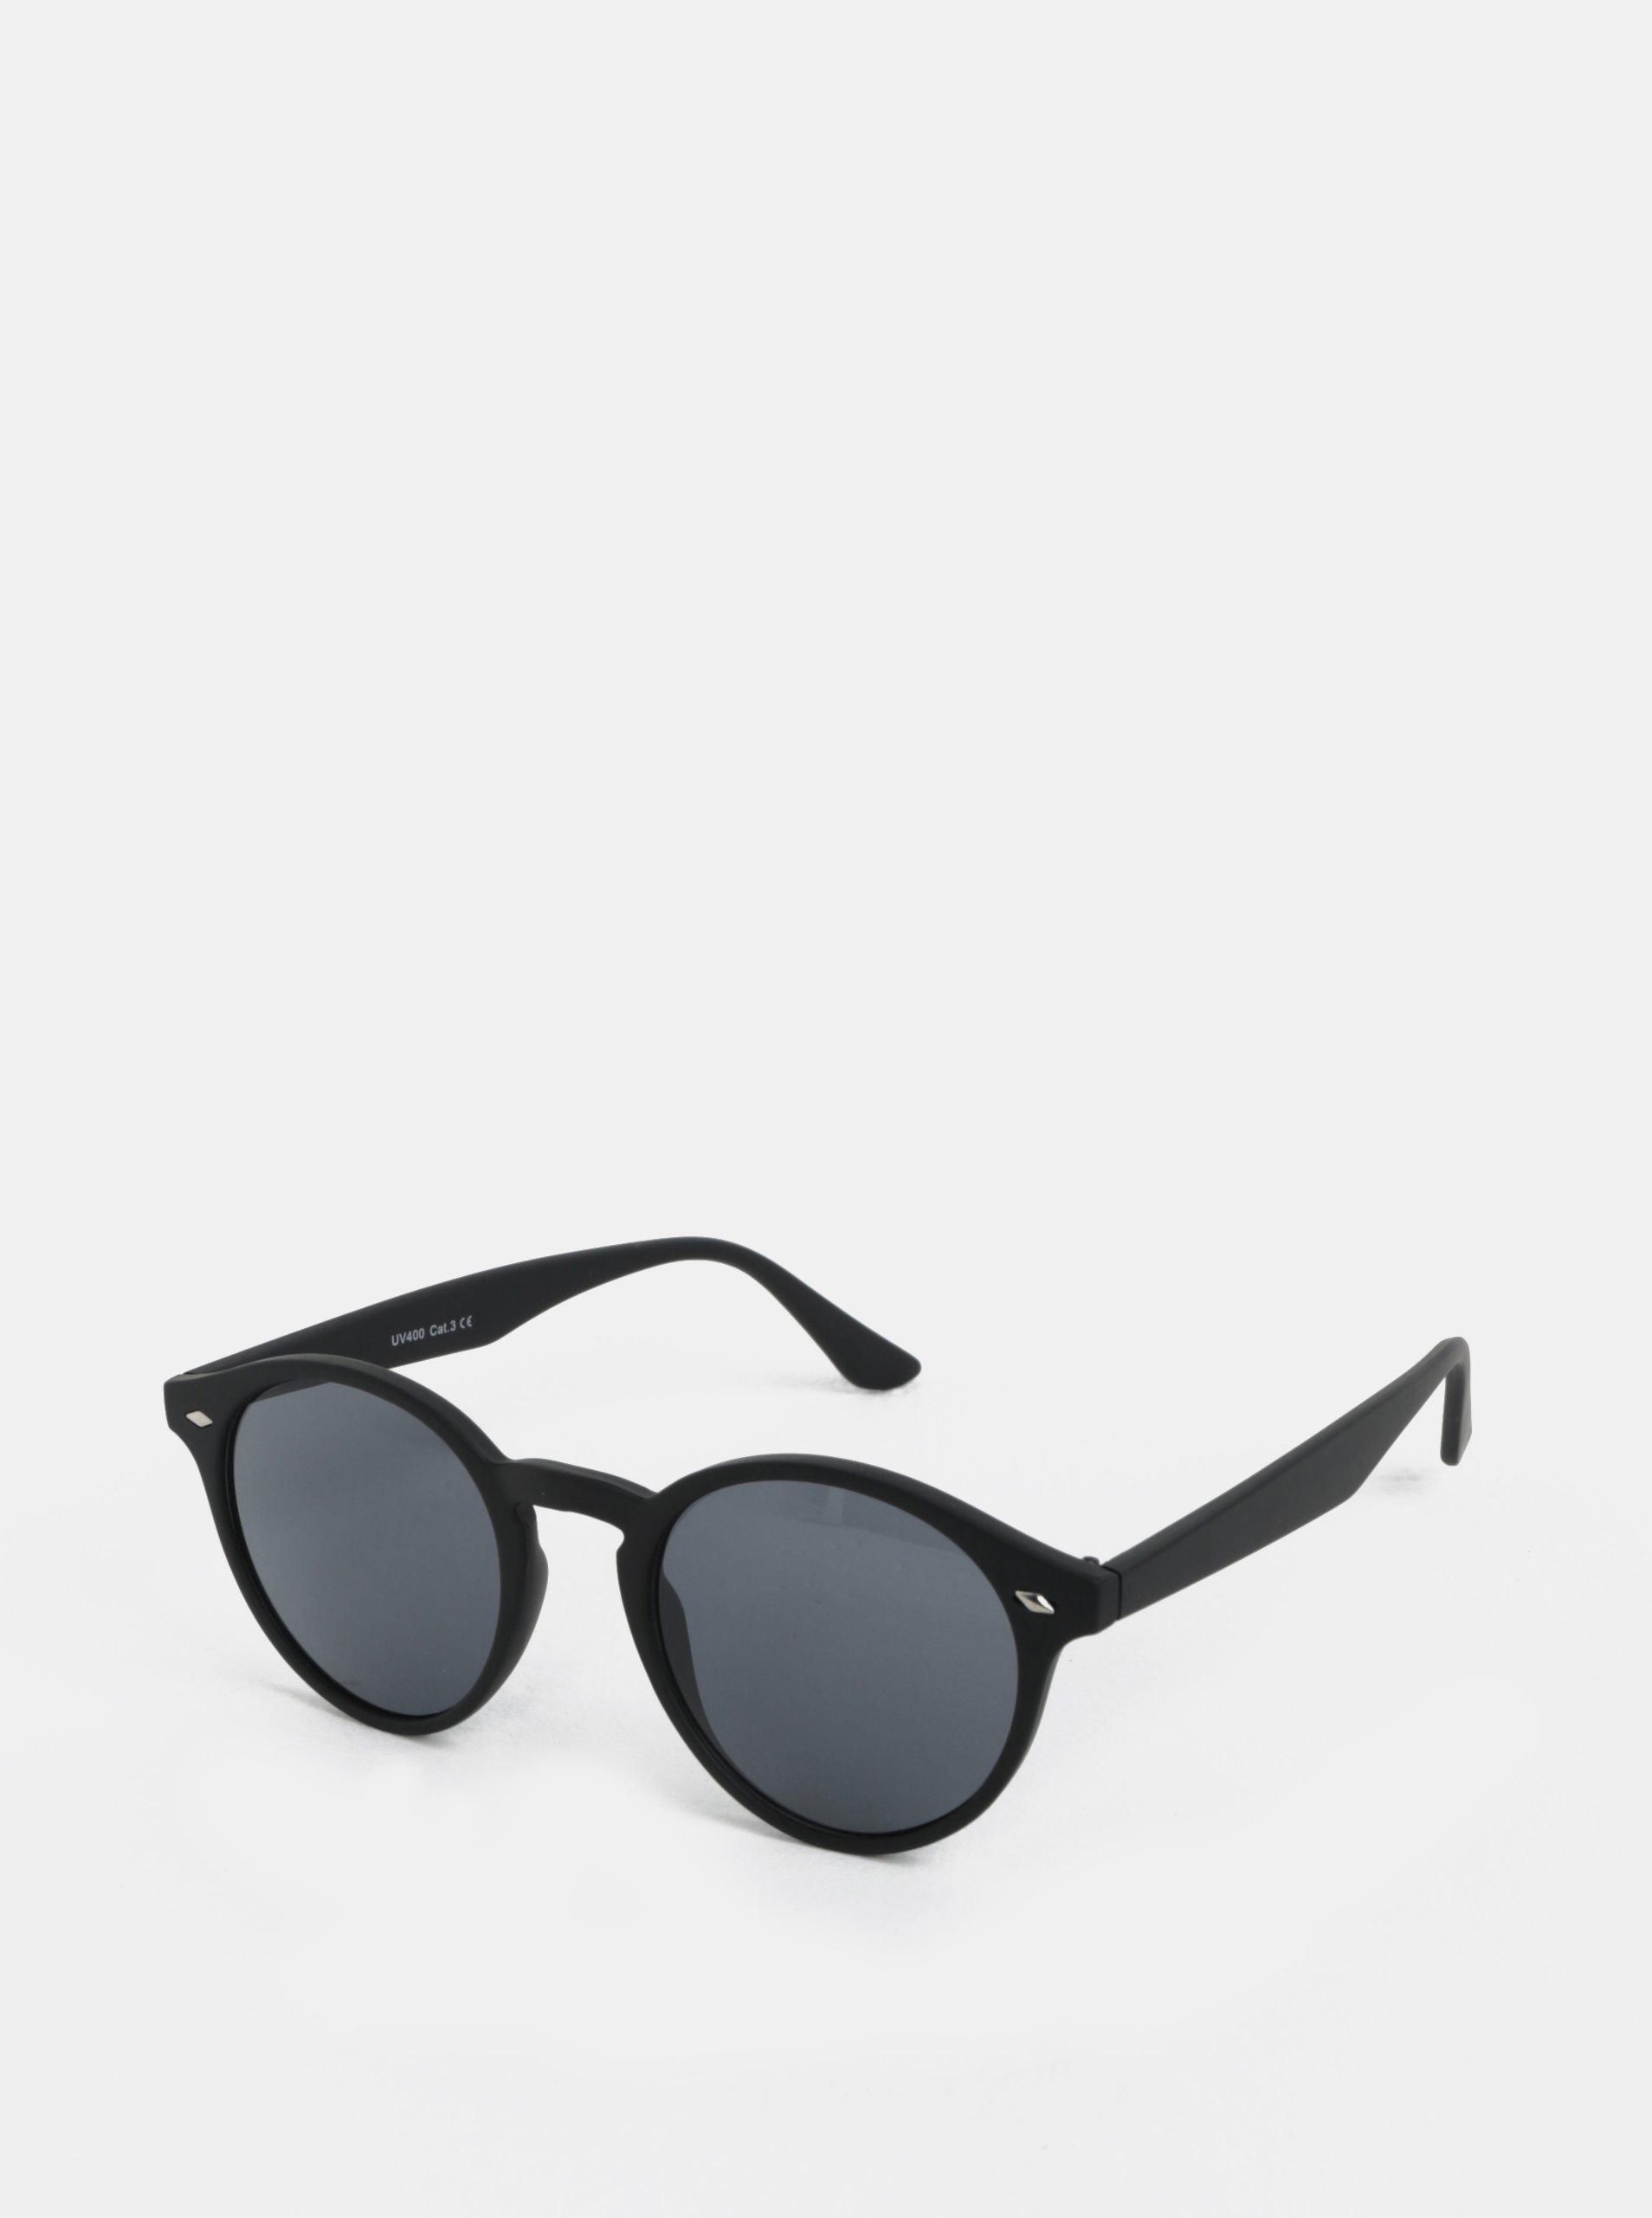 Čierne okrúhle slnečné okuliare s detailmi ONLY   SONS Display  4d834b44e32